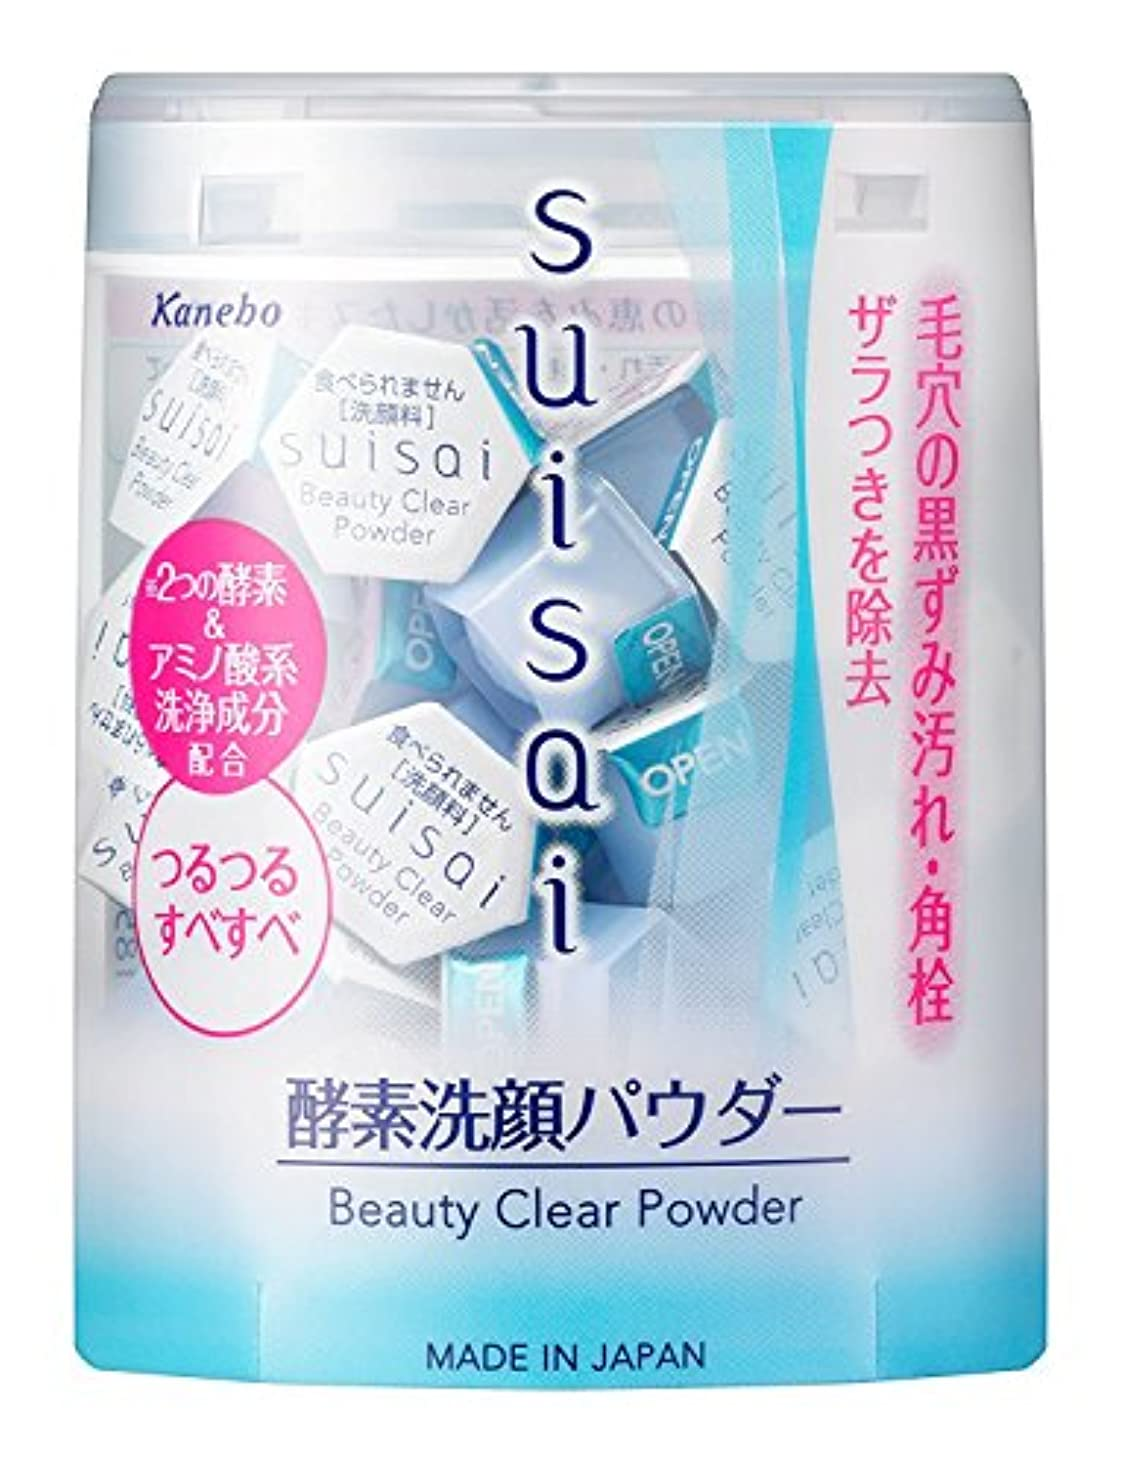 鳴らす減らす動力学【kanebou(カネボウ)】suisai スイサイ ビューティクリアパウダーa 0.4g×32個 【洗顔料】【薬用】【酵素洗顔パウダー】